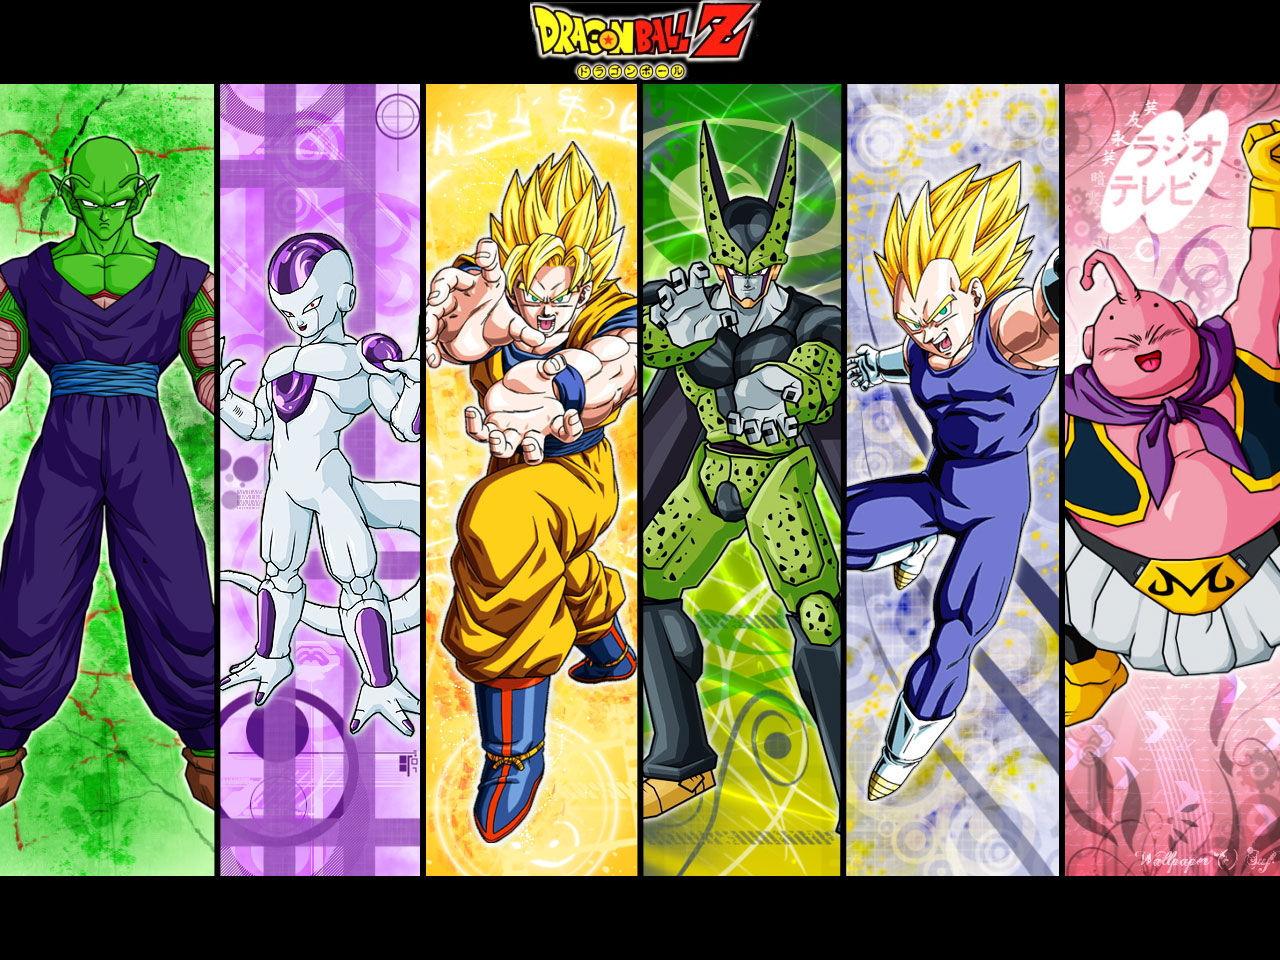 7137 - ¿Qué personaje de la saga Dragon Ball eres?